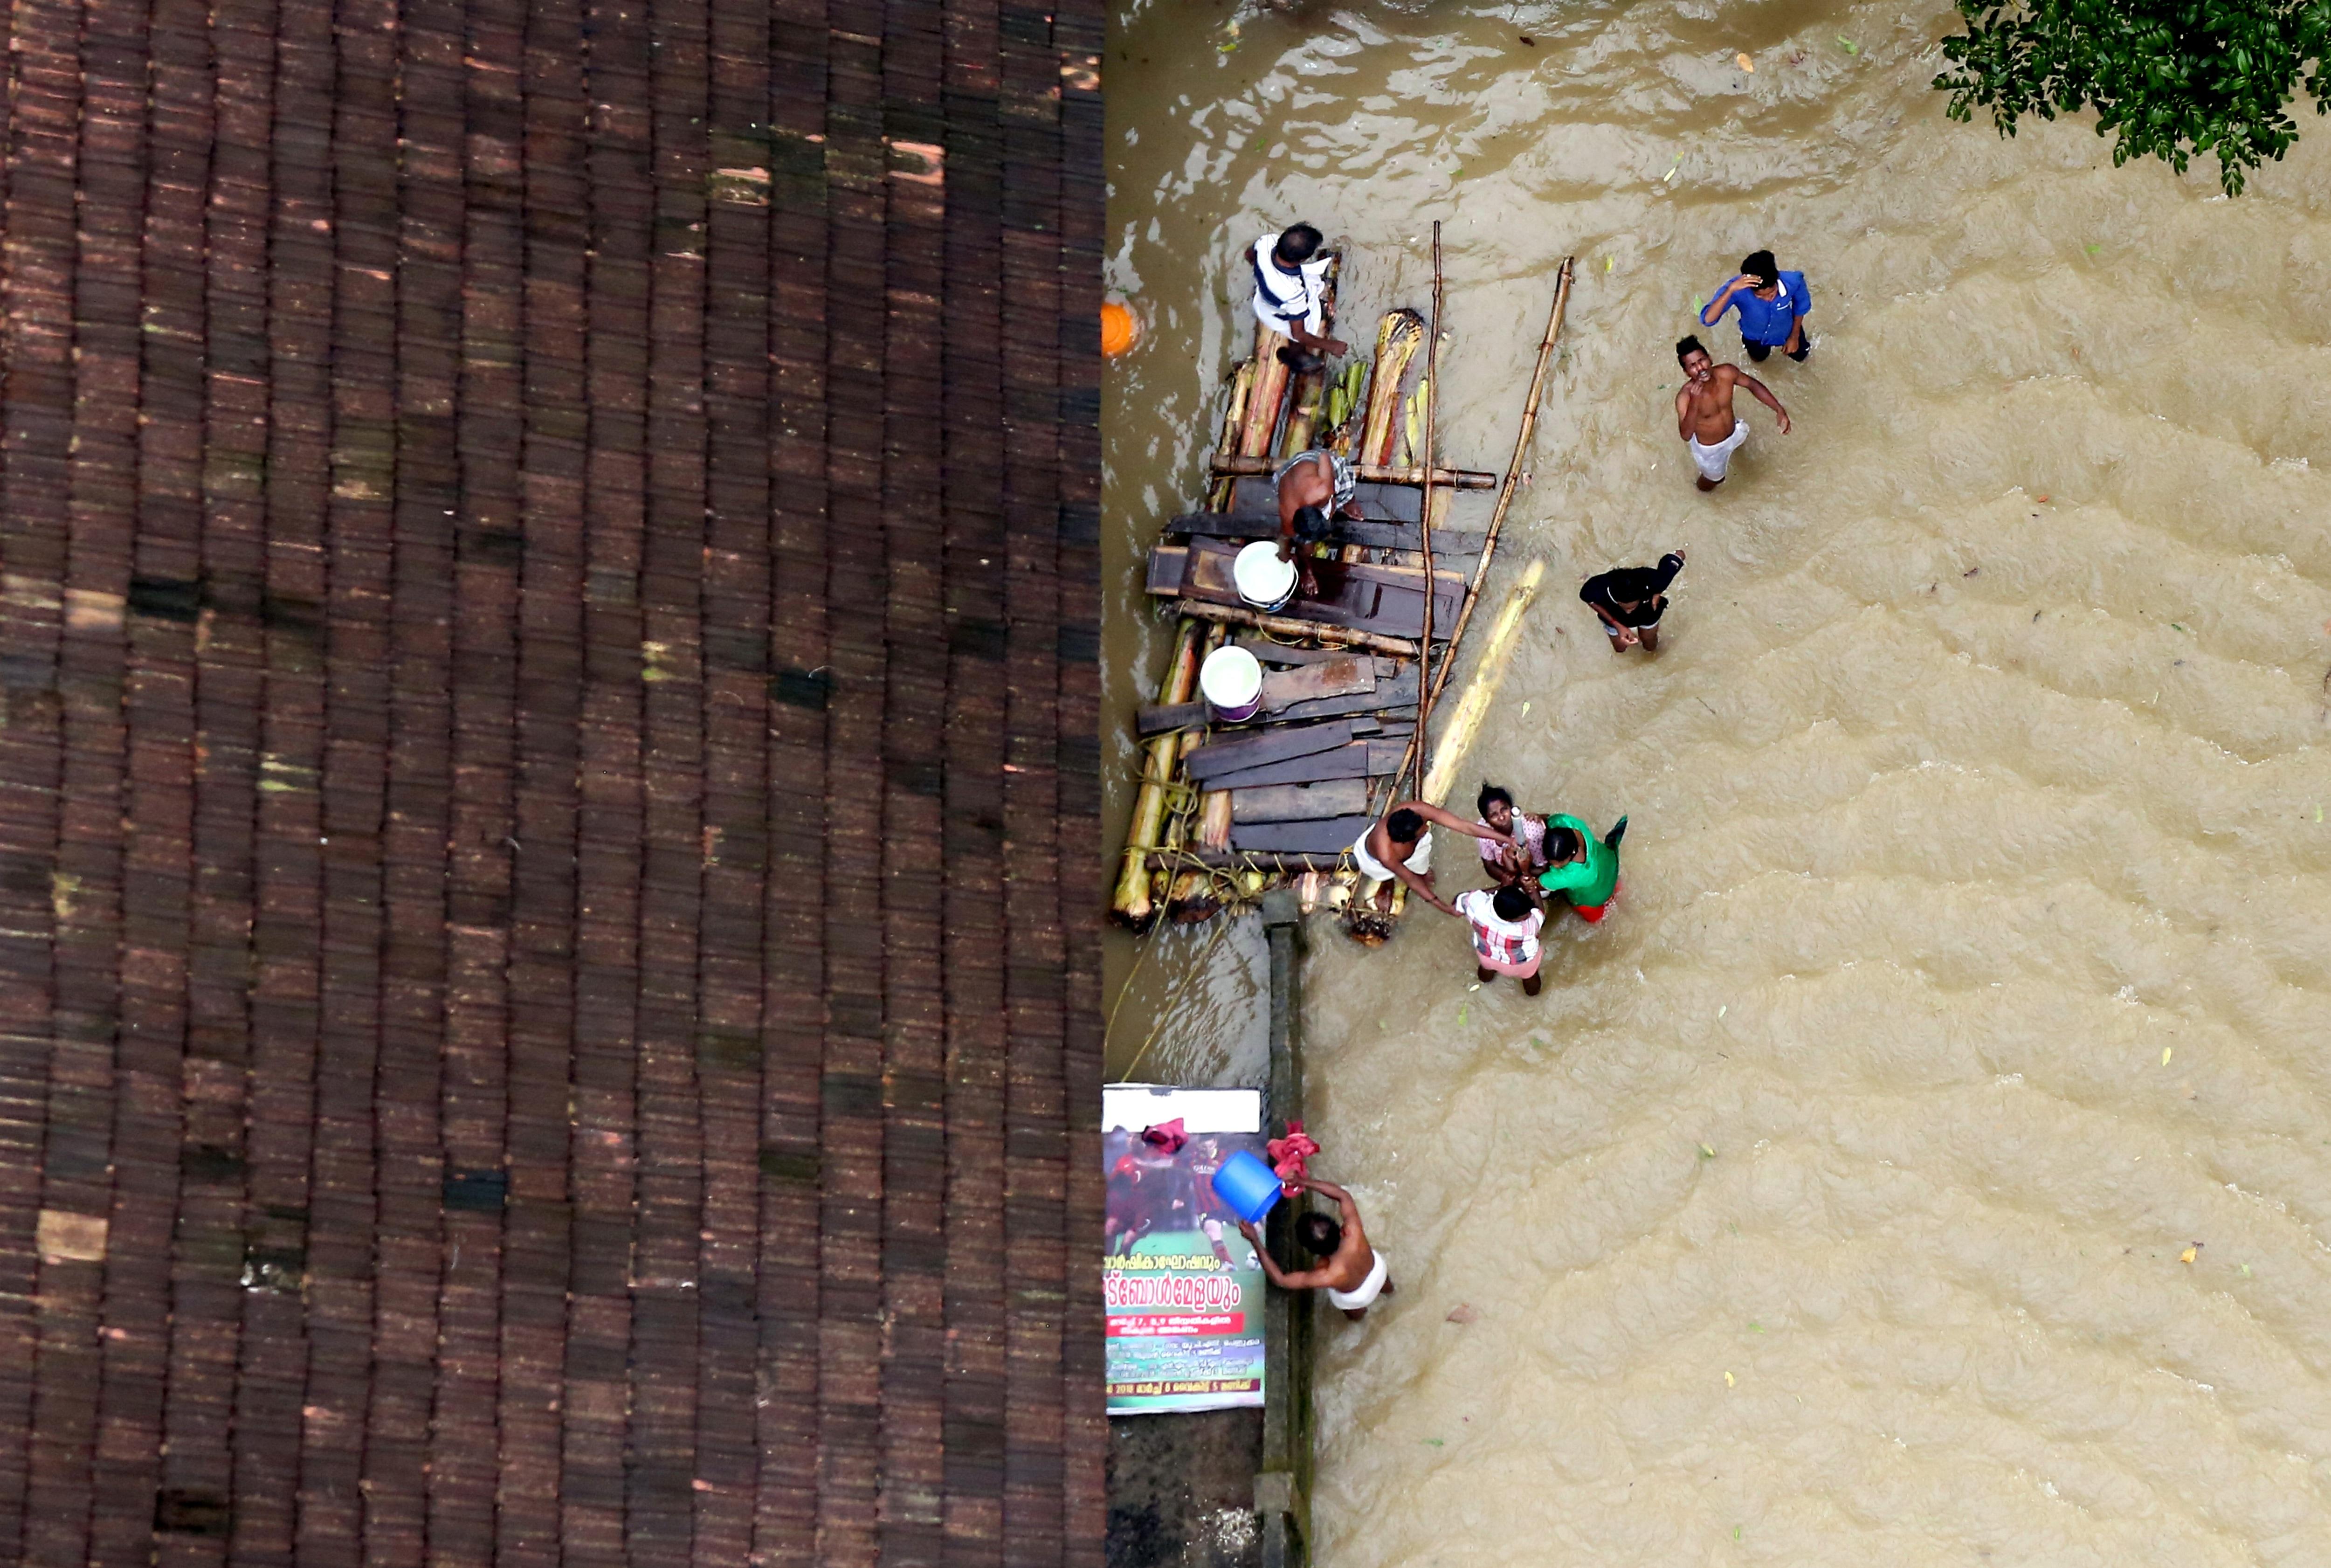 केरल में बाढ़ से 20,000 करोड़ के नुकसान का अनुमान, राज्य सरकार लोगों को दे सकती है बिना ब्याज का लोन